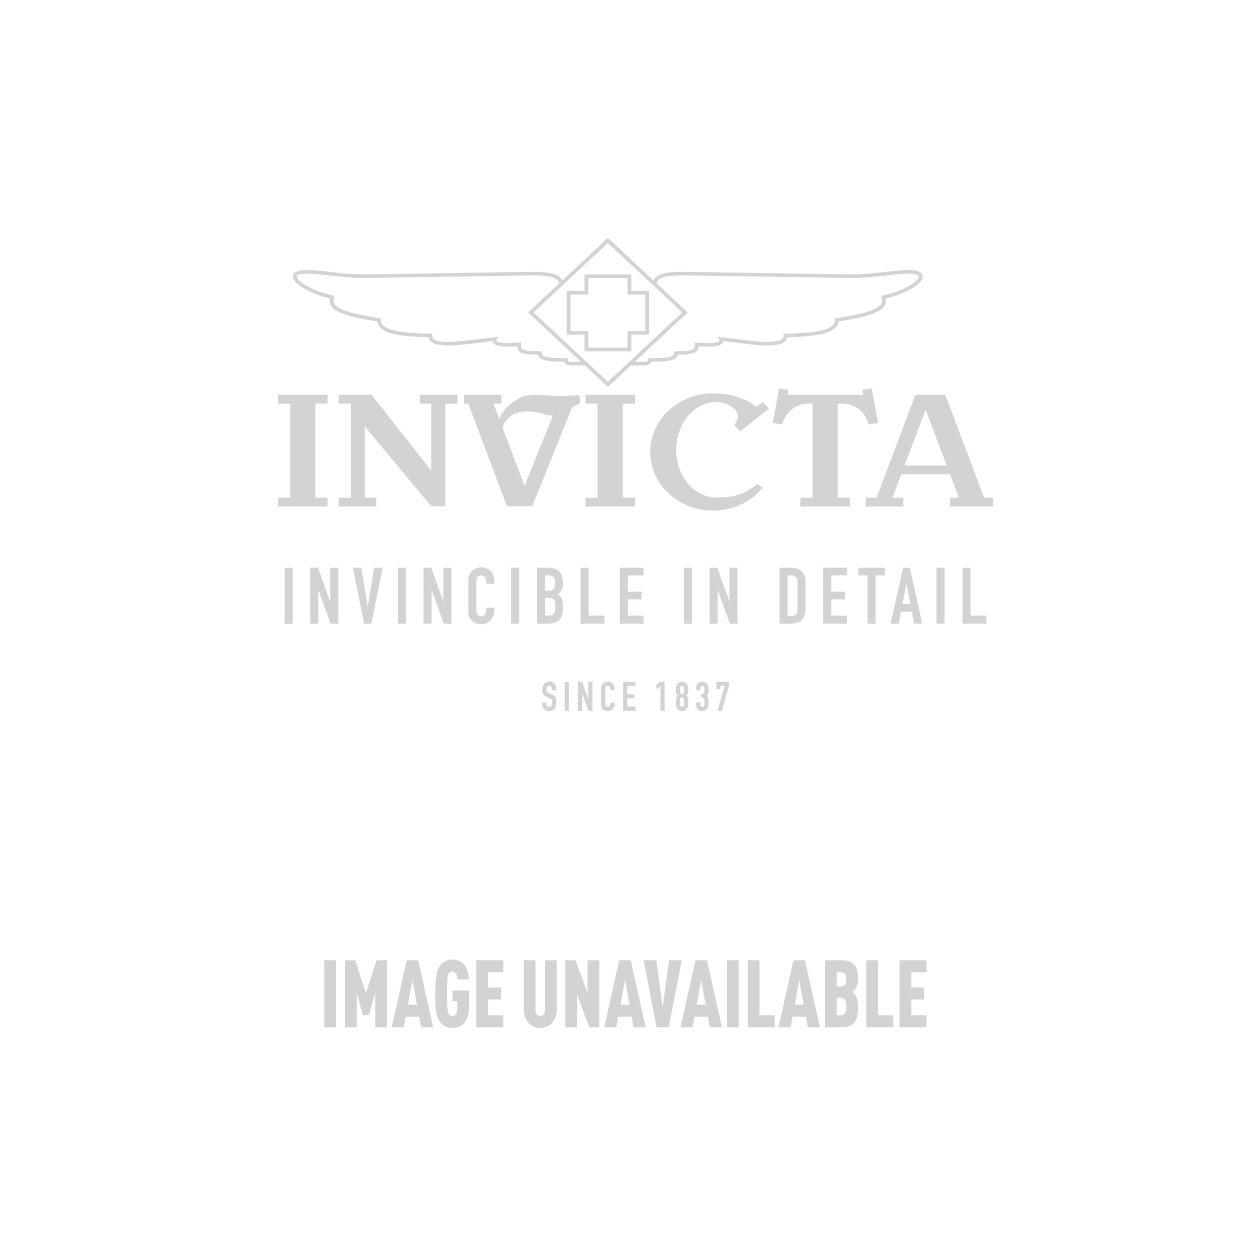 Invicta Model 23121